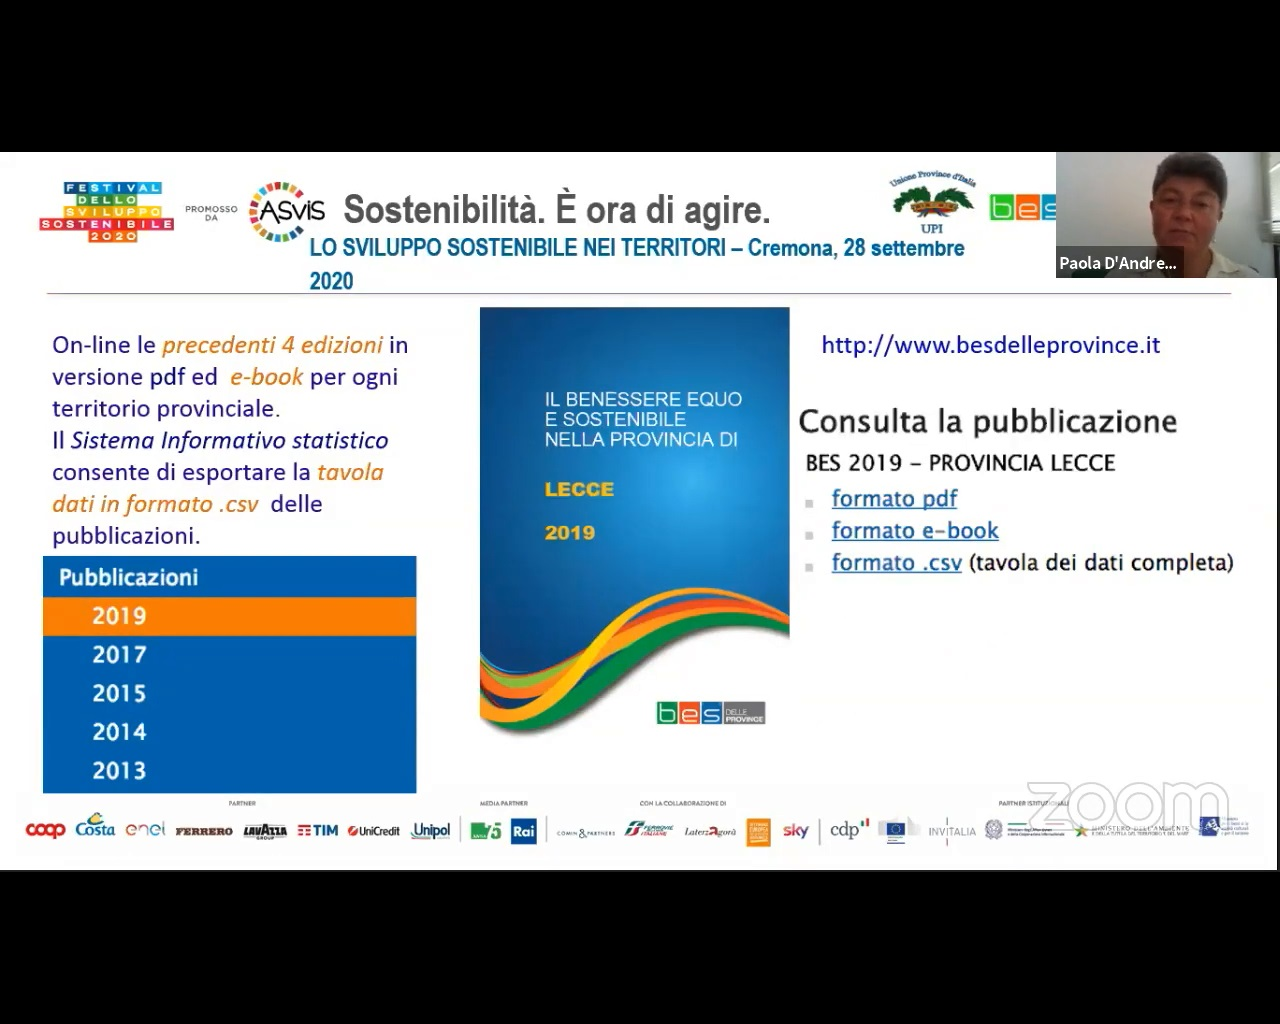 Festiva sviluppo sostenibile